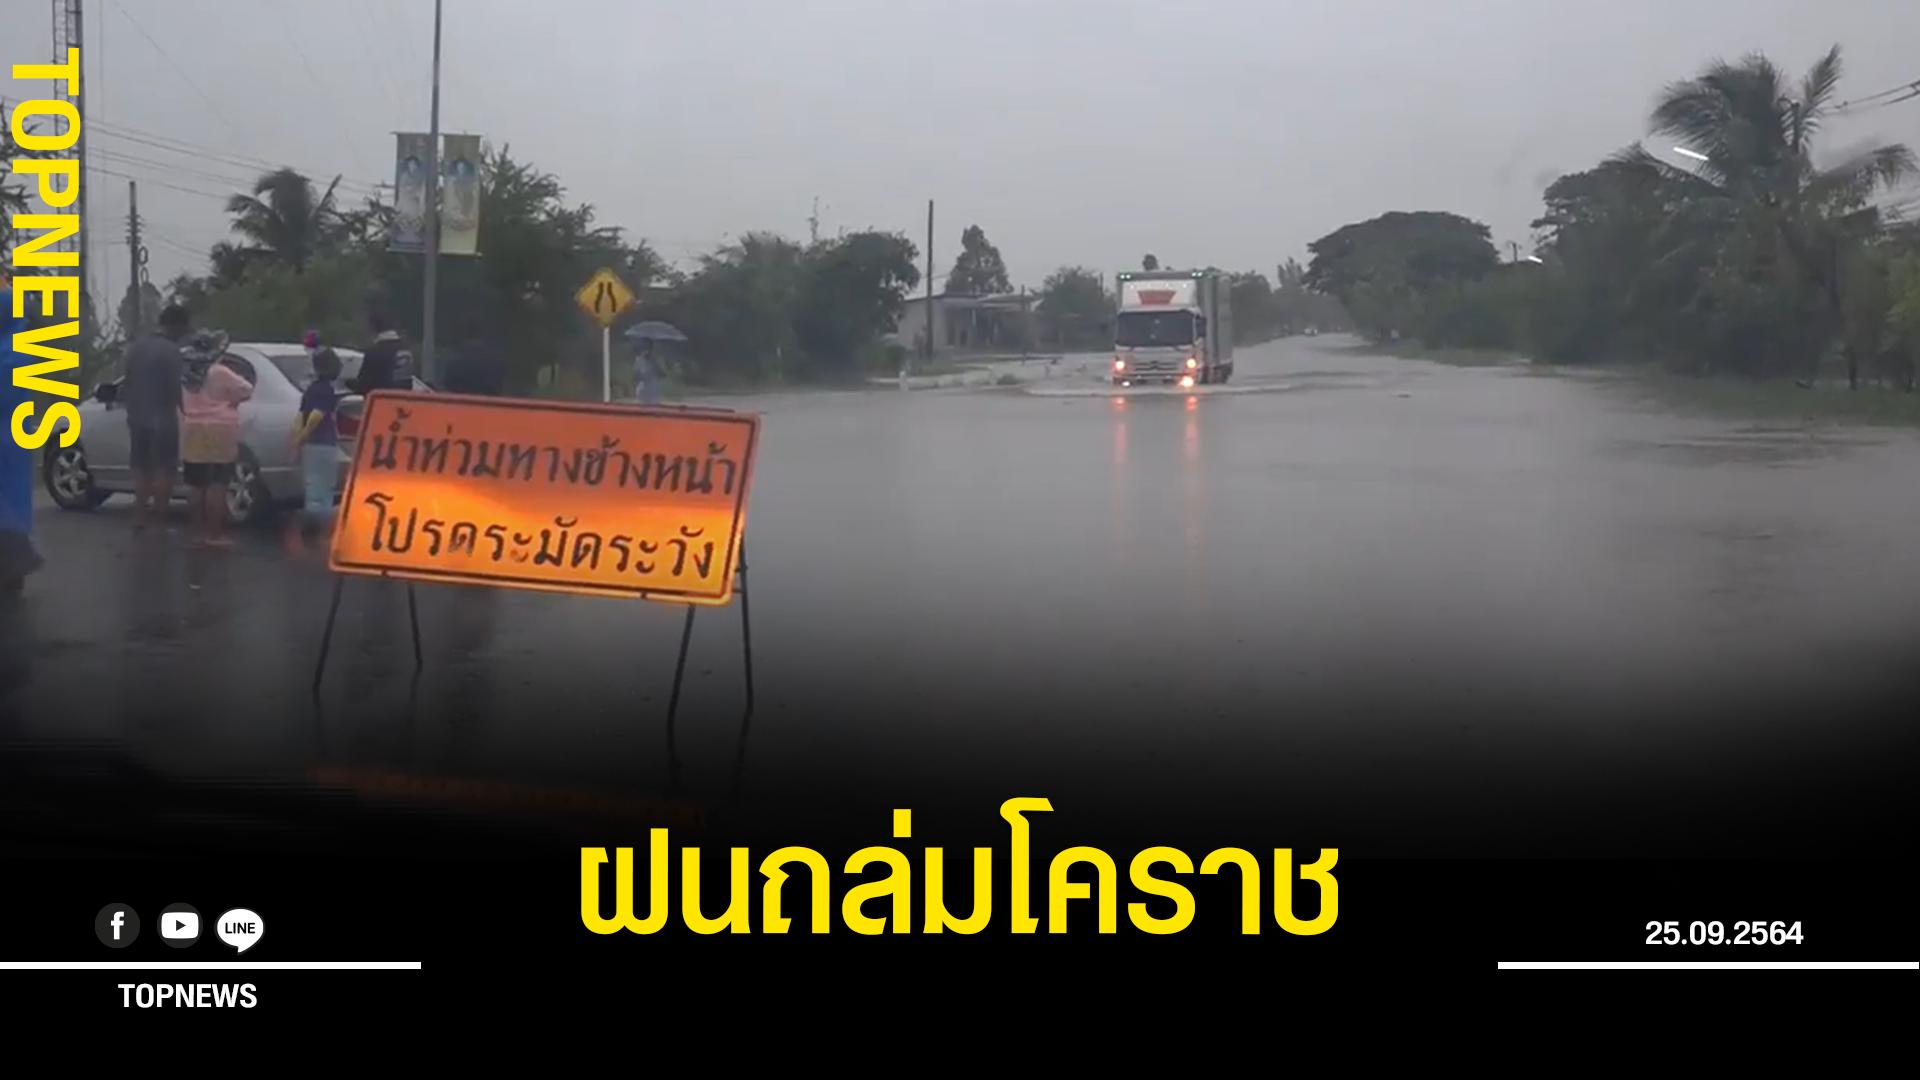 ฝนถล่มโคราช ถนนหลายสายเป็นอัมพาธ ท่วมสูงกว่า40 ซม.